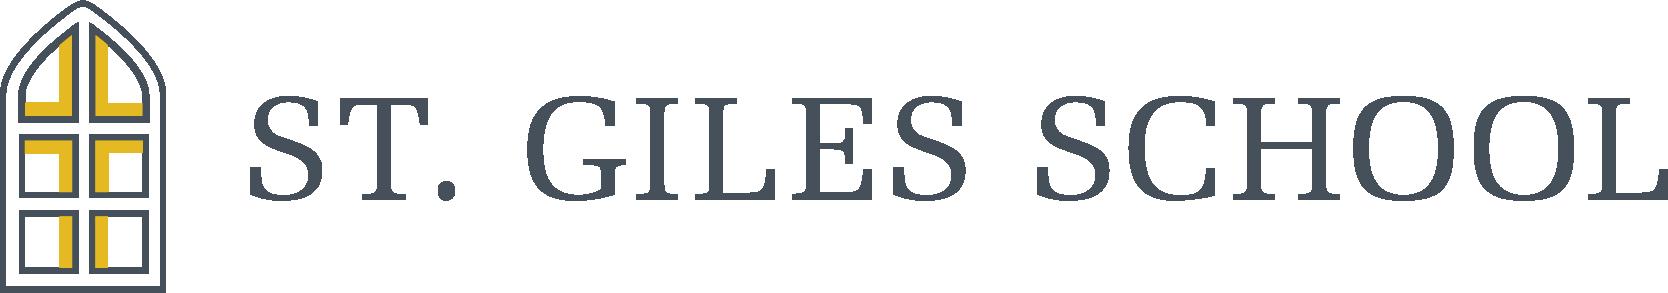 sge-logo-header-color